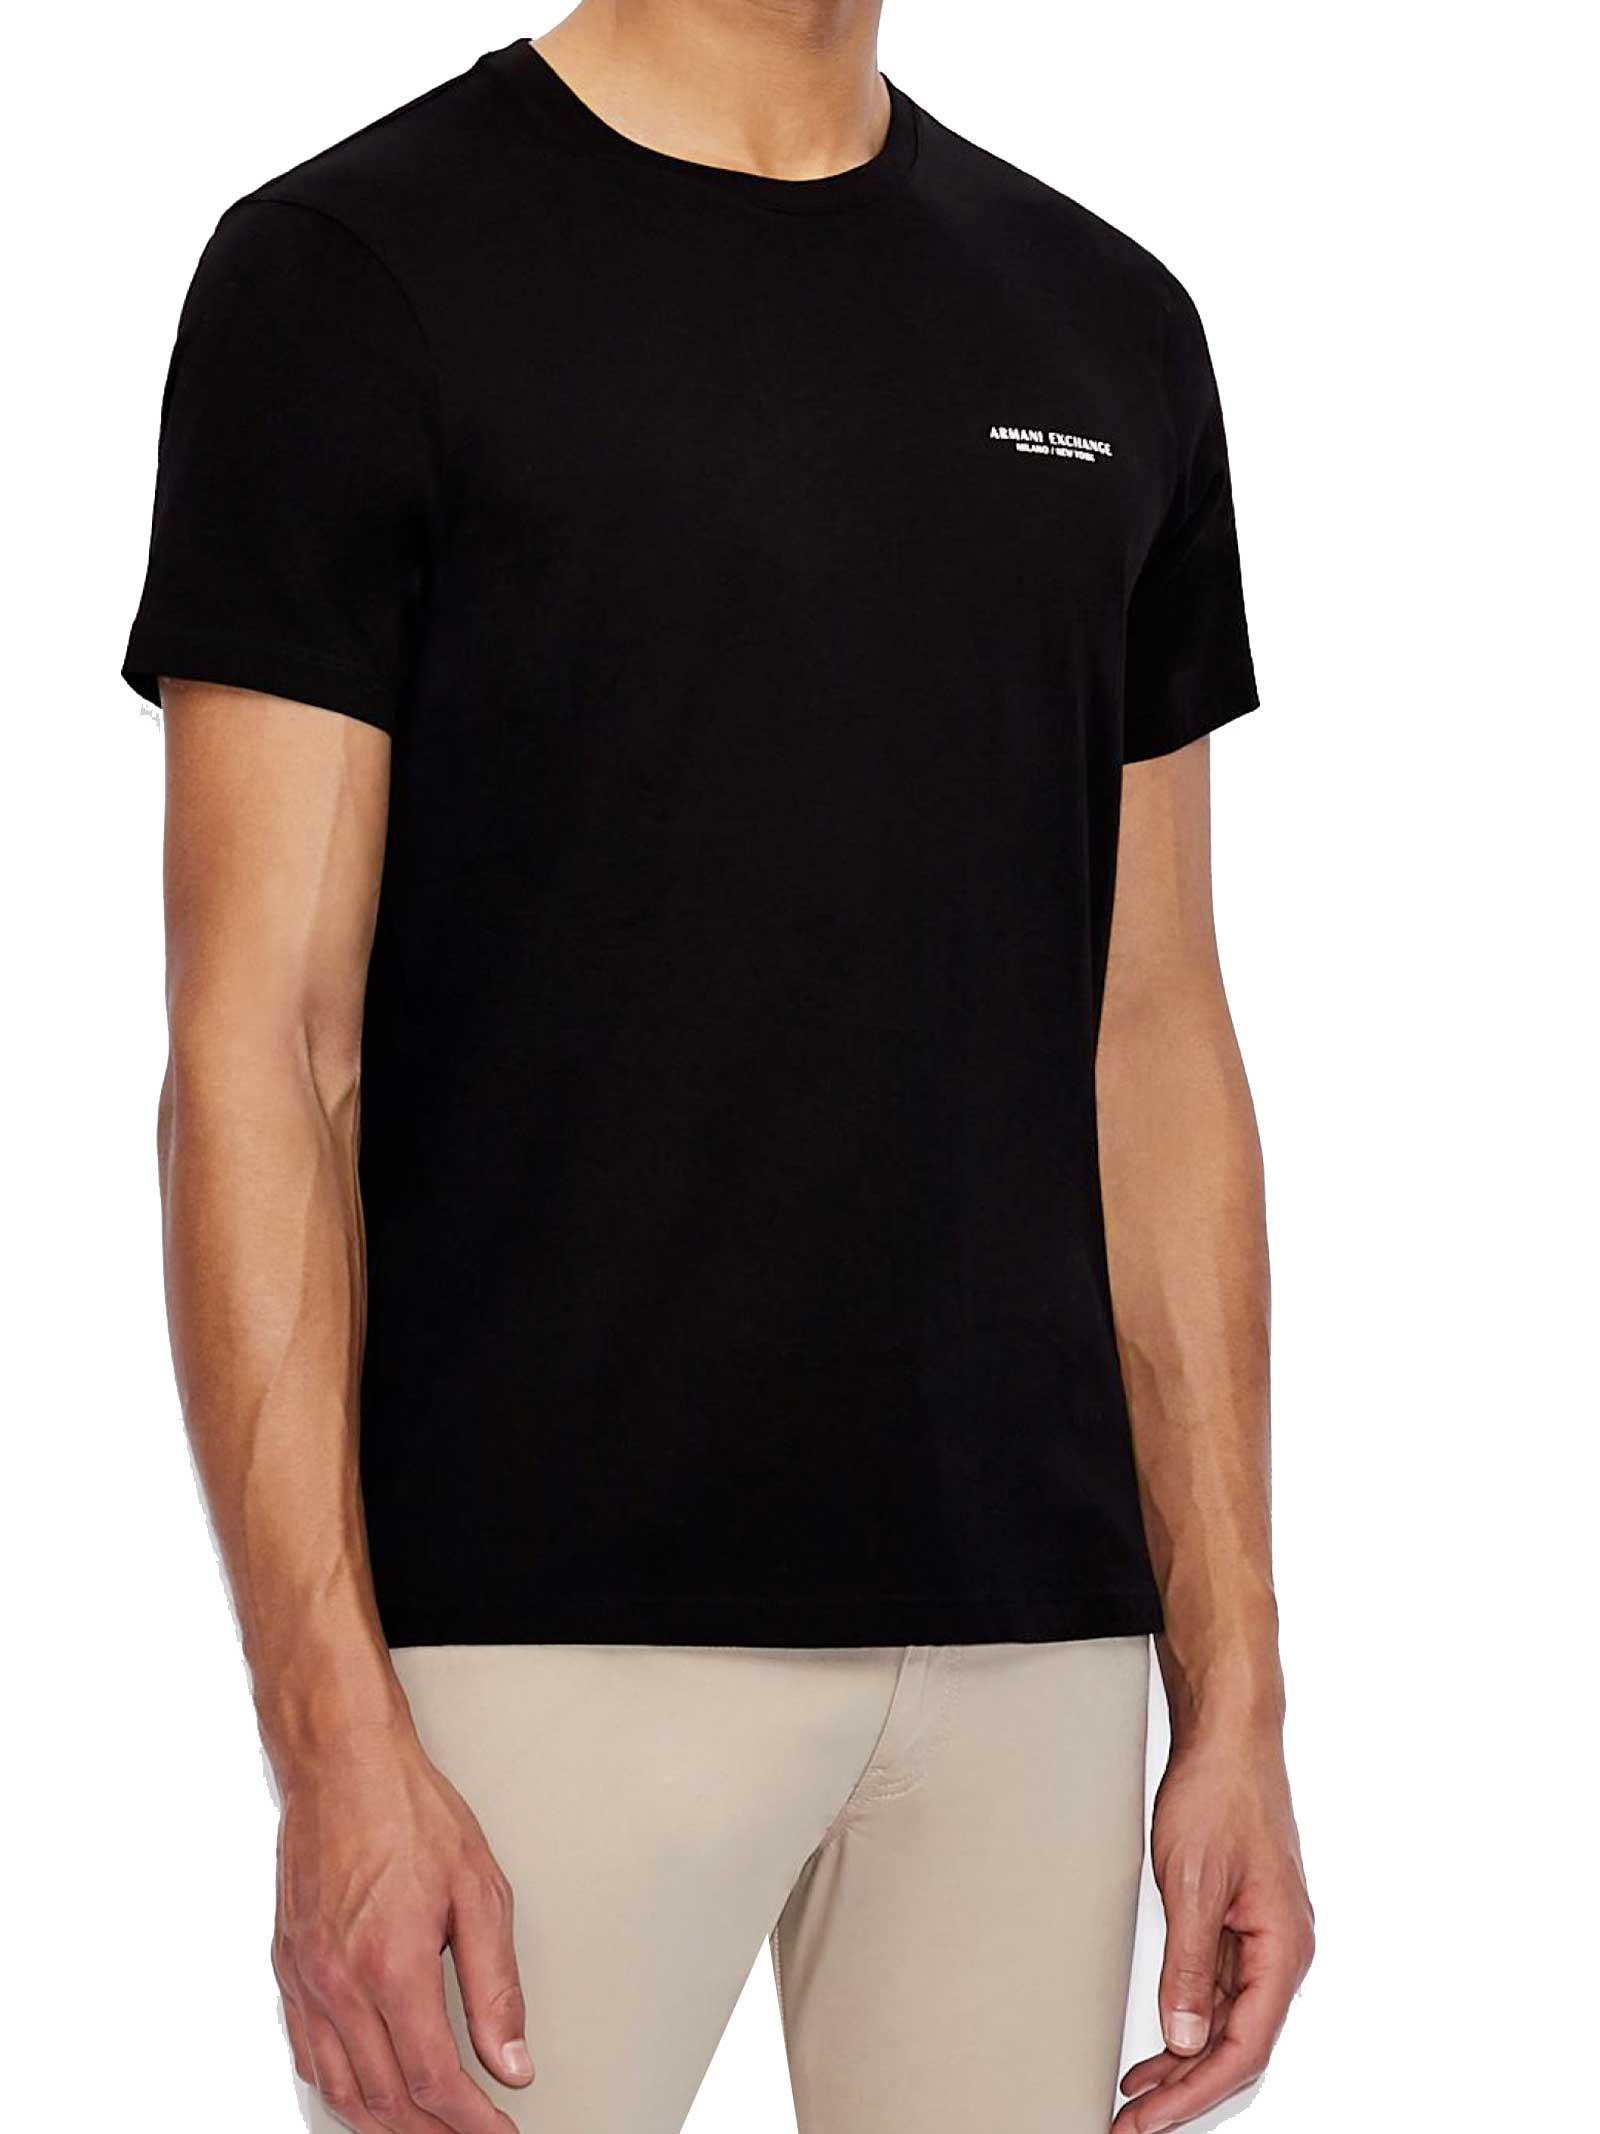 T-SHIRT UOMO ARMANI EXCHANGE | T-shirt | 8NZT91-Z8H4Z1200